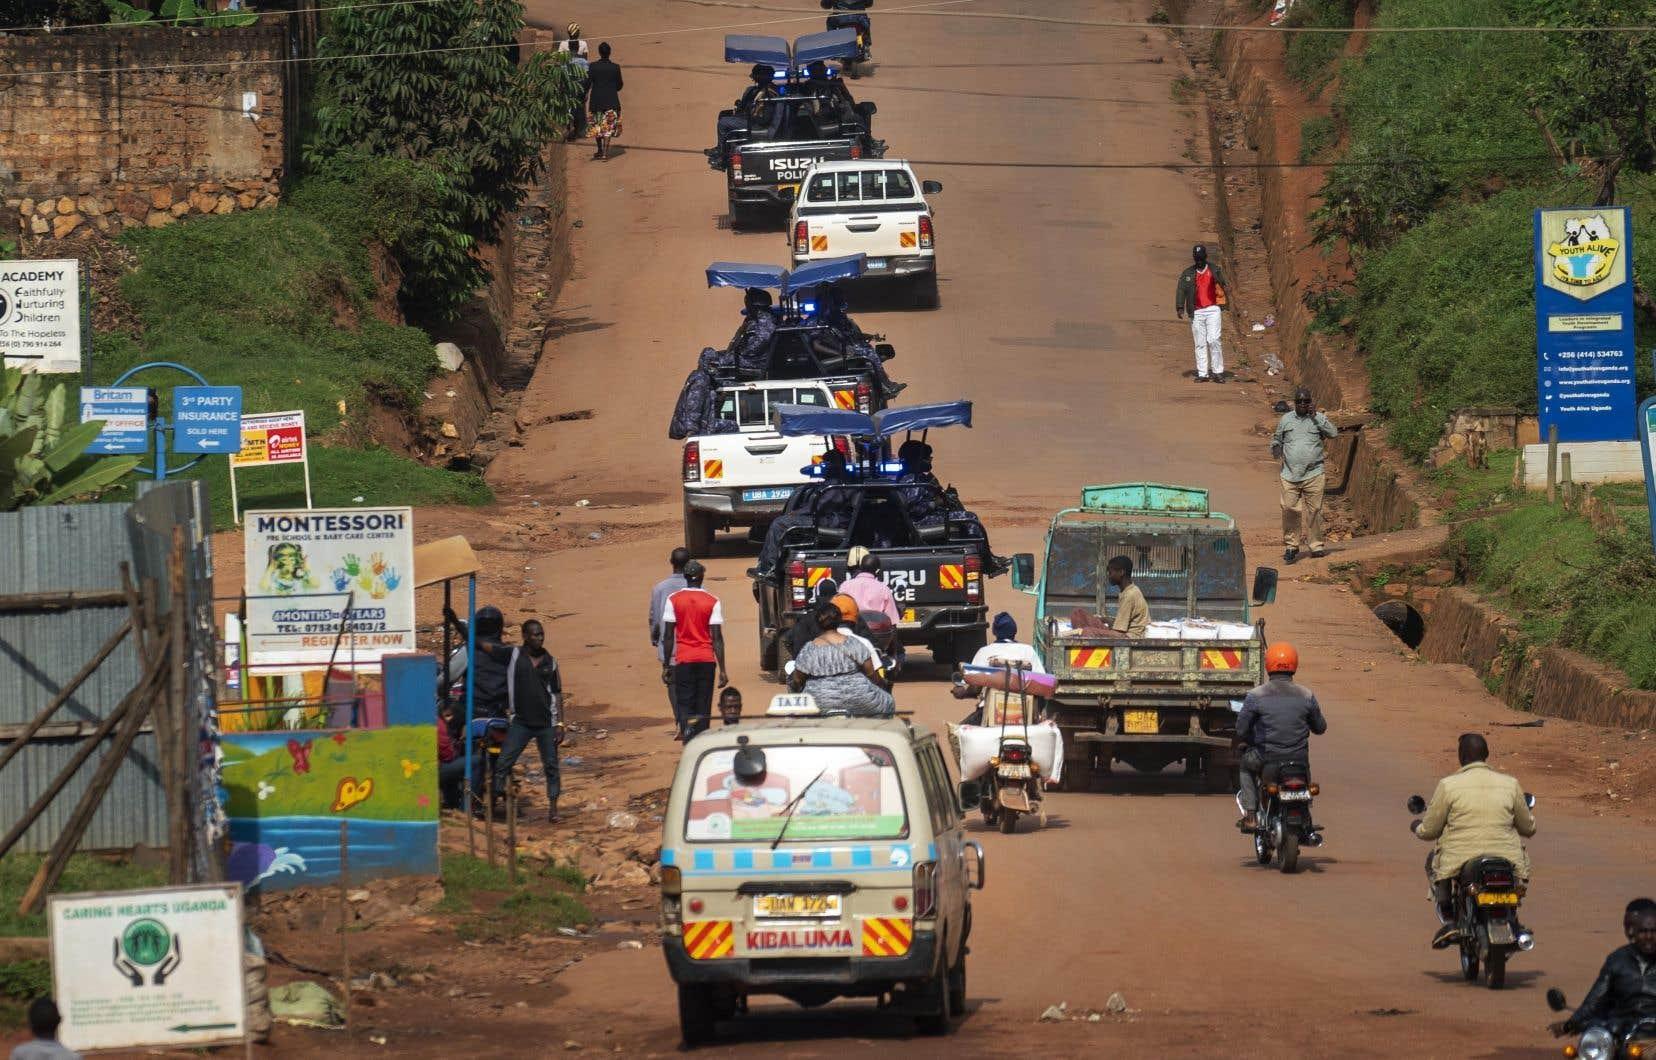 Certaines des organisations avaient participé à une opération d'observation lors de l'élection présidentielle controversée qui s'est tenue en janvier.